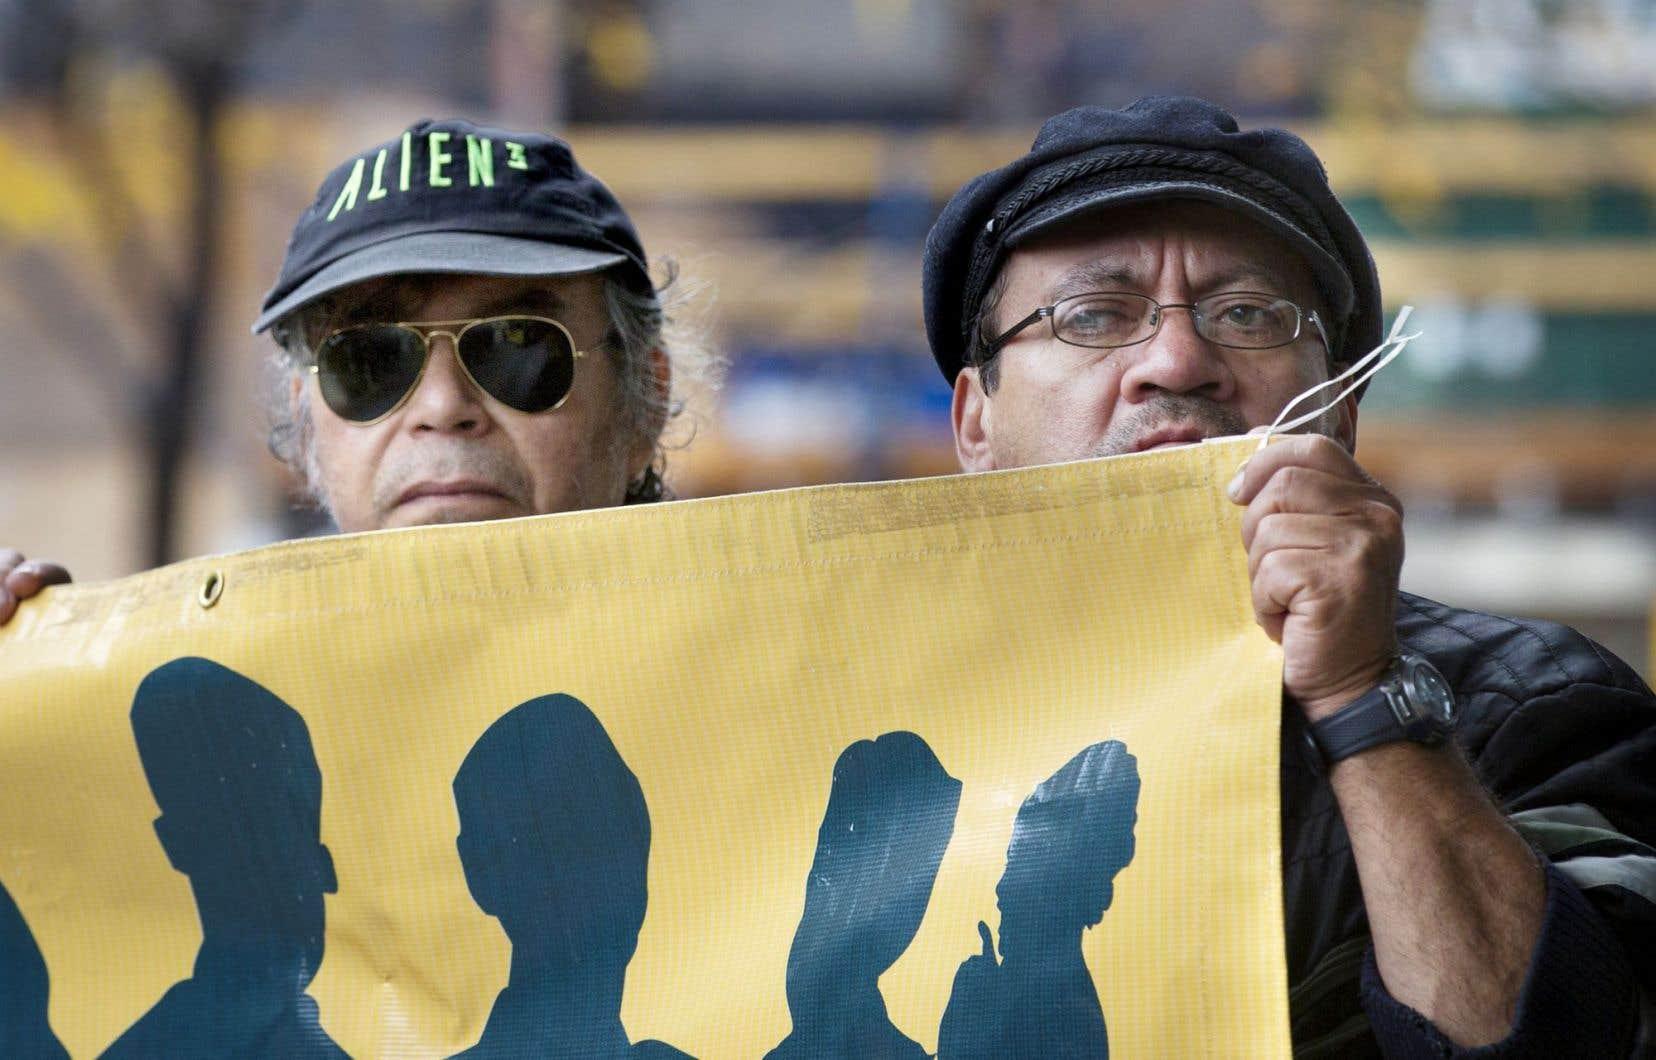 Quelques groupes manifestaient jeudi contre les coupes décidées par le gouvernement libéral.